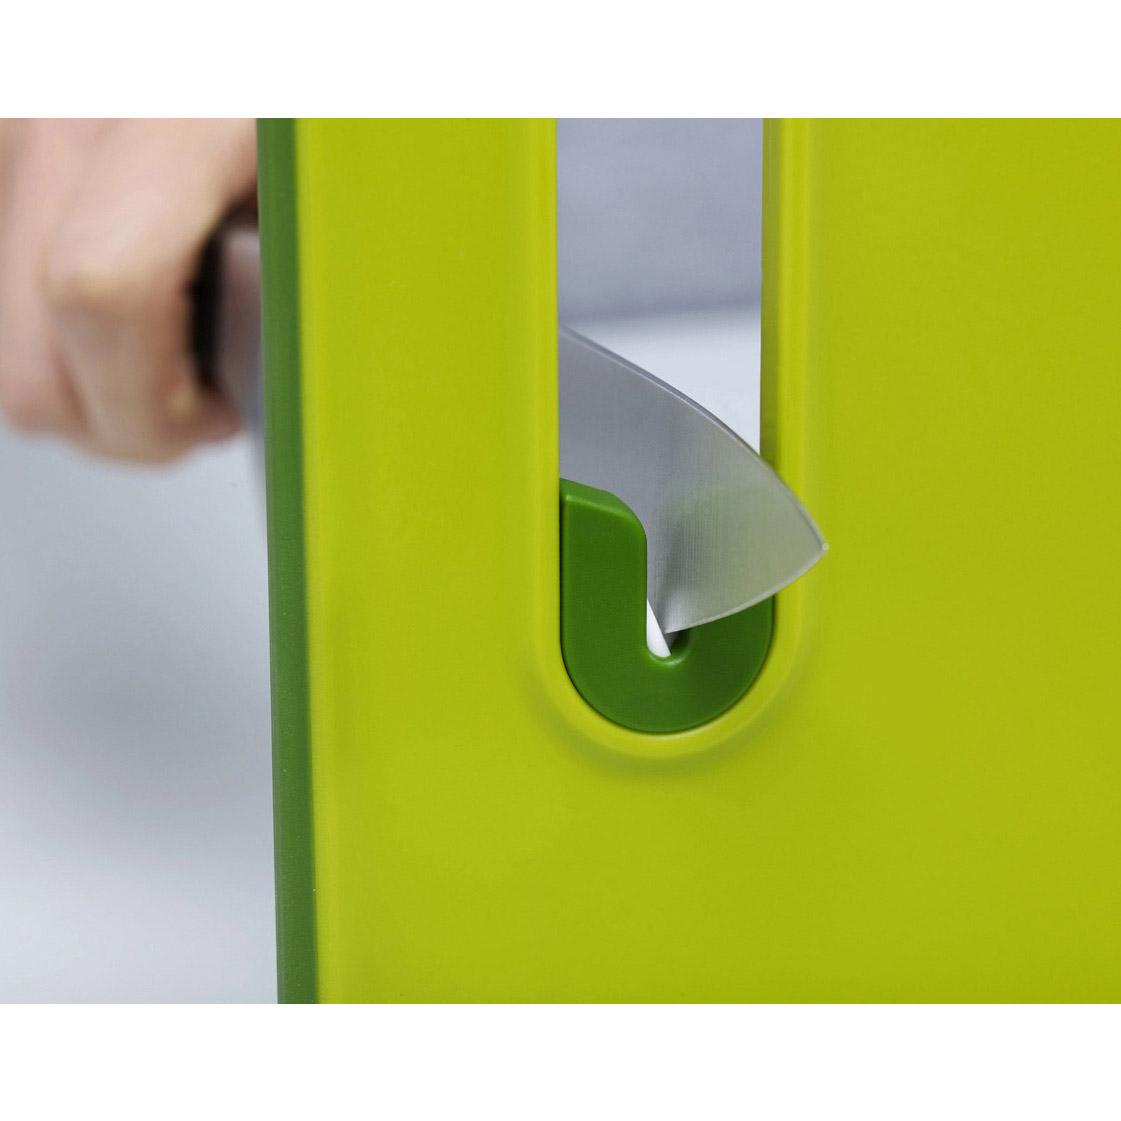 Doska na krájanie s brúskou veľká zelená Slice&Sharpen™